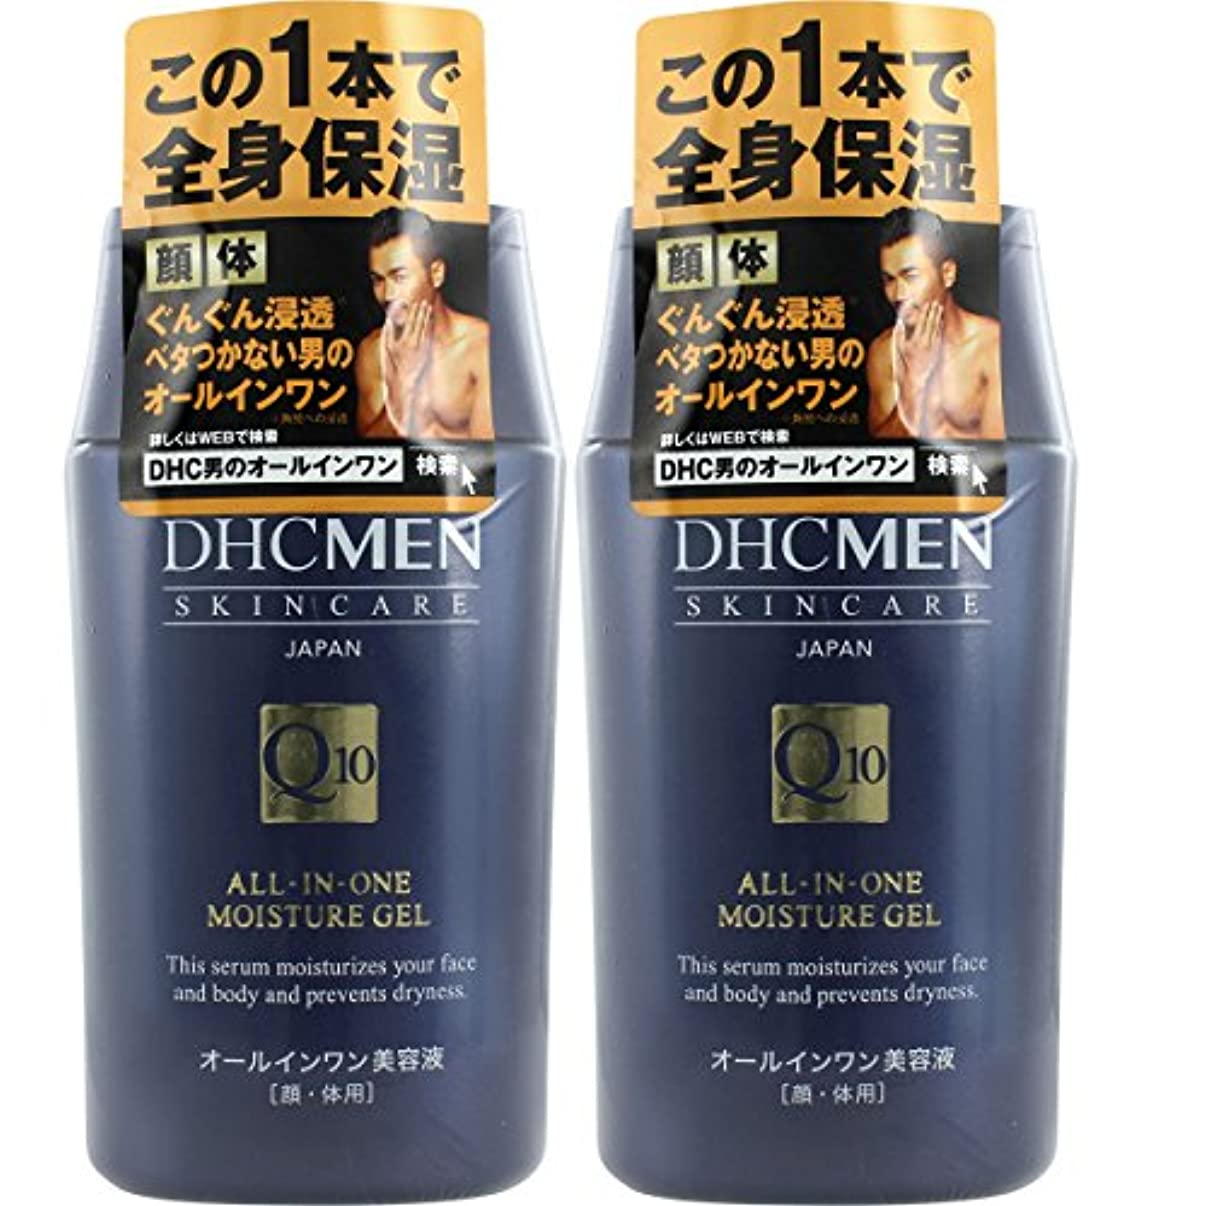 うん顔料コミュニティ【セット品】DHC MEN(男性用) オールインワン モイスチュアジェル 200ML 2個セット